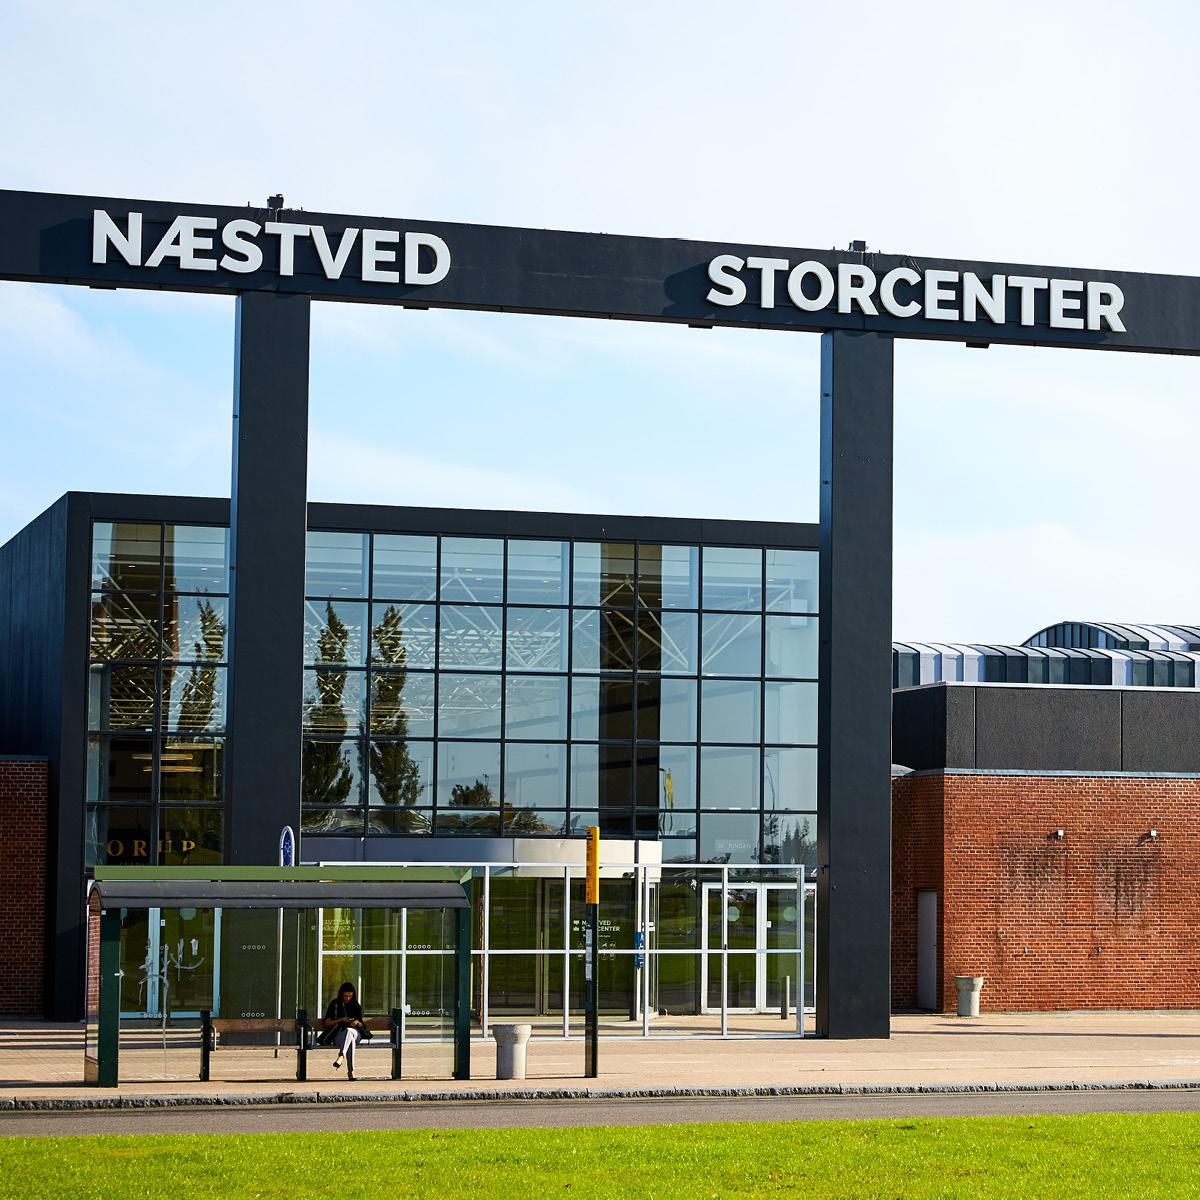 naestvedstorcenter